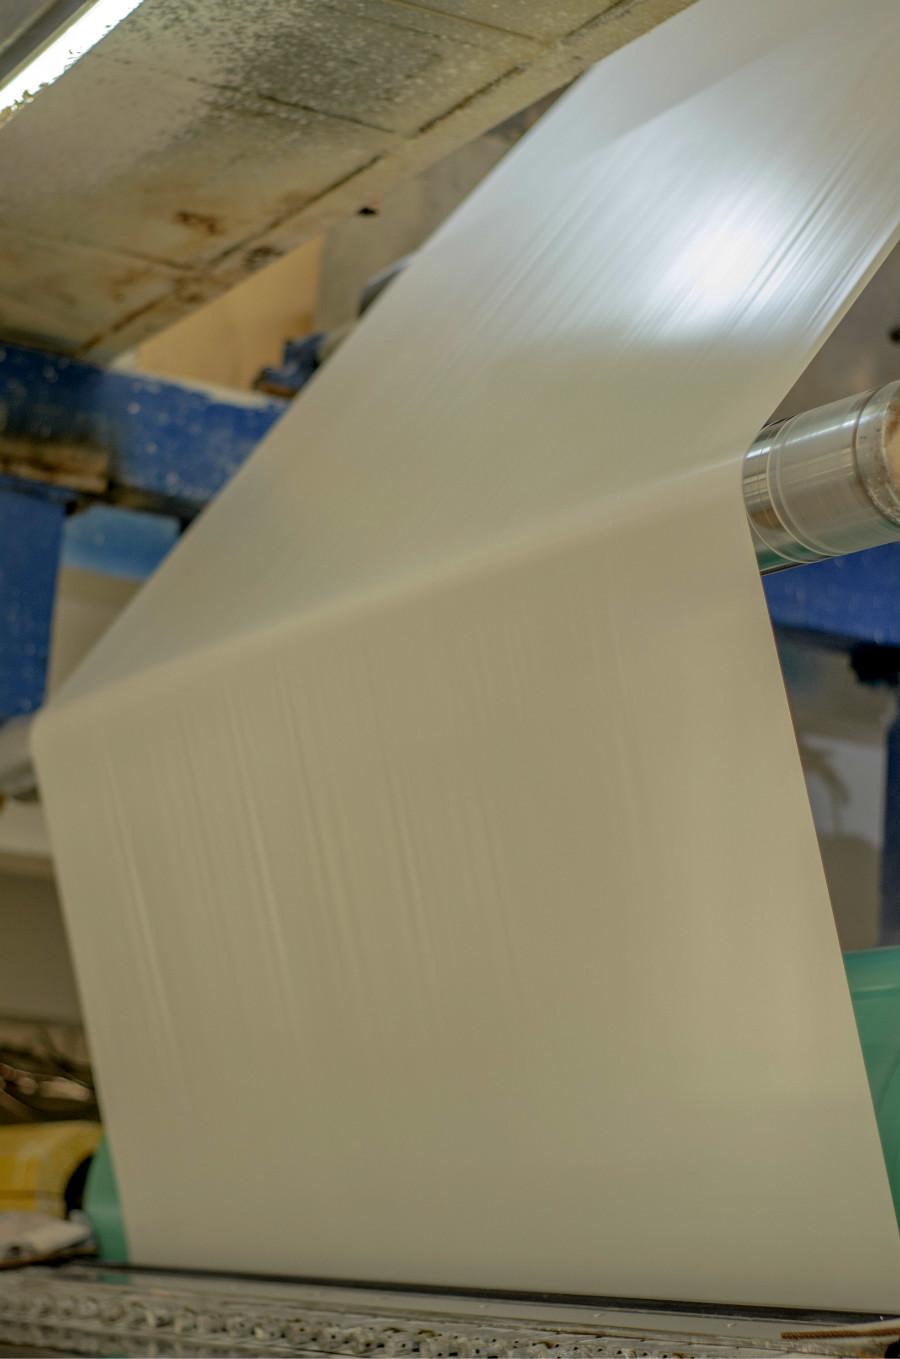 年产特种纸3.5万吨